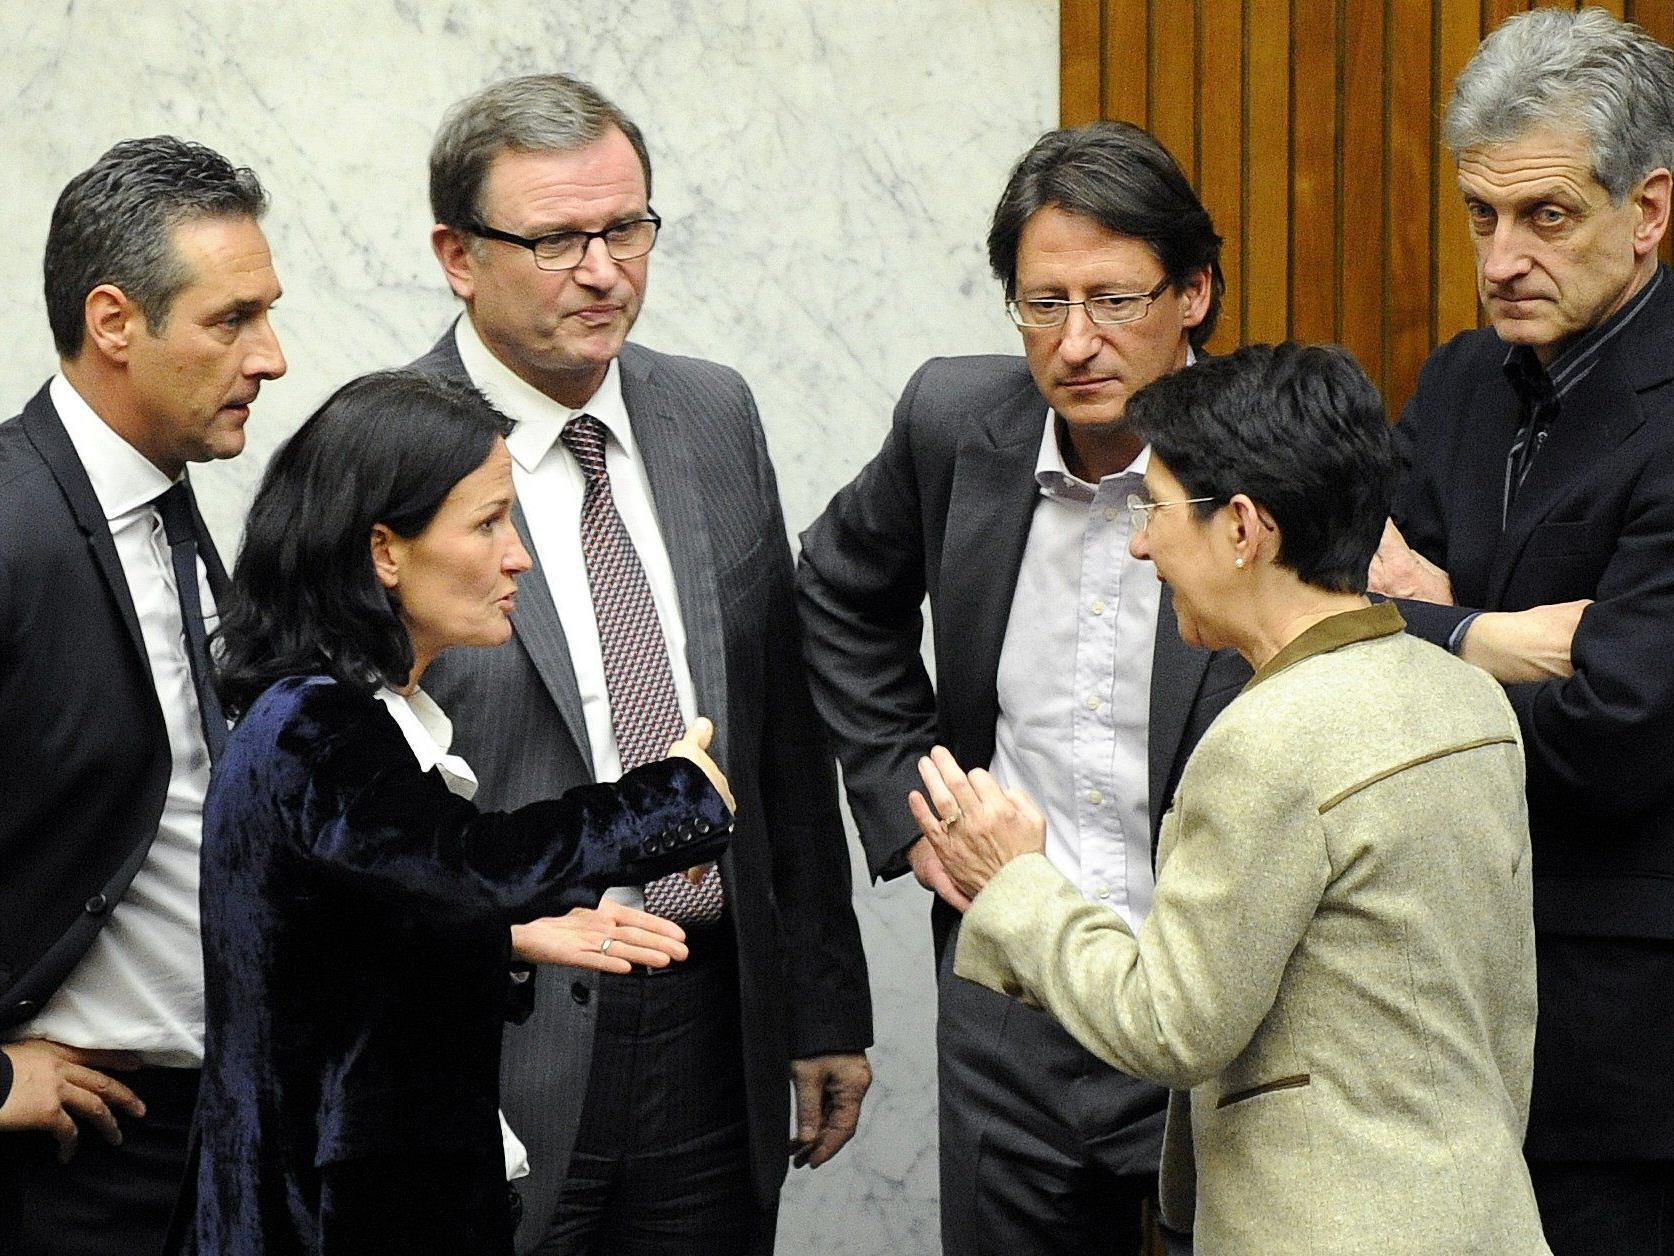 Ein Bild aus der letzten Legislaturperiode: Wenn die Nationalratspräsidentin etwas klären will, ruft sie die Klubobleute zu sich.